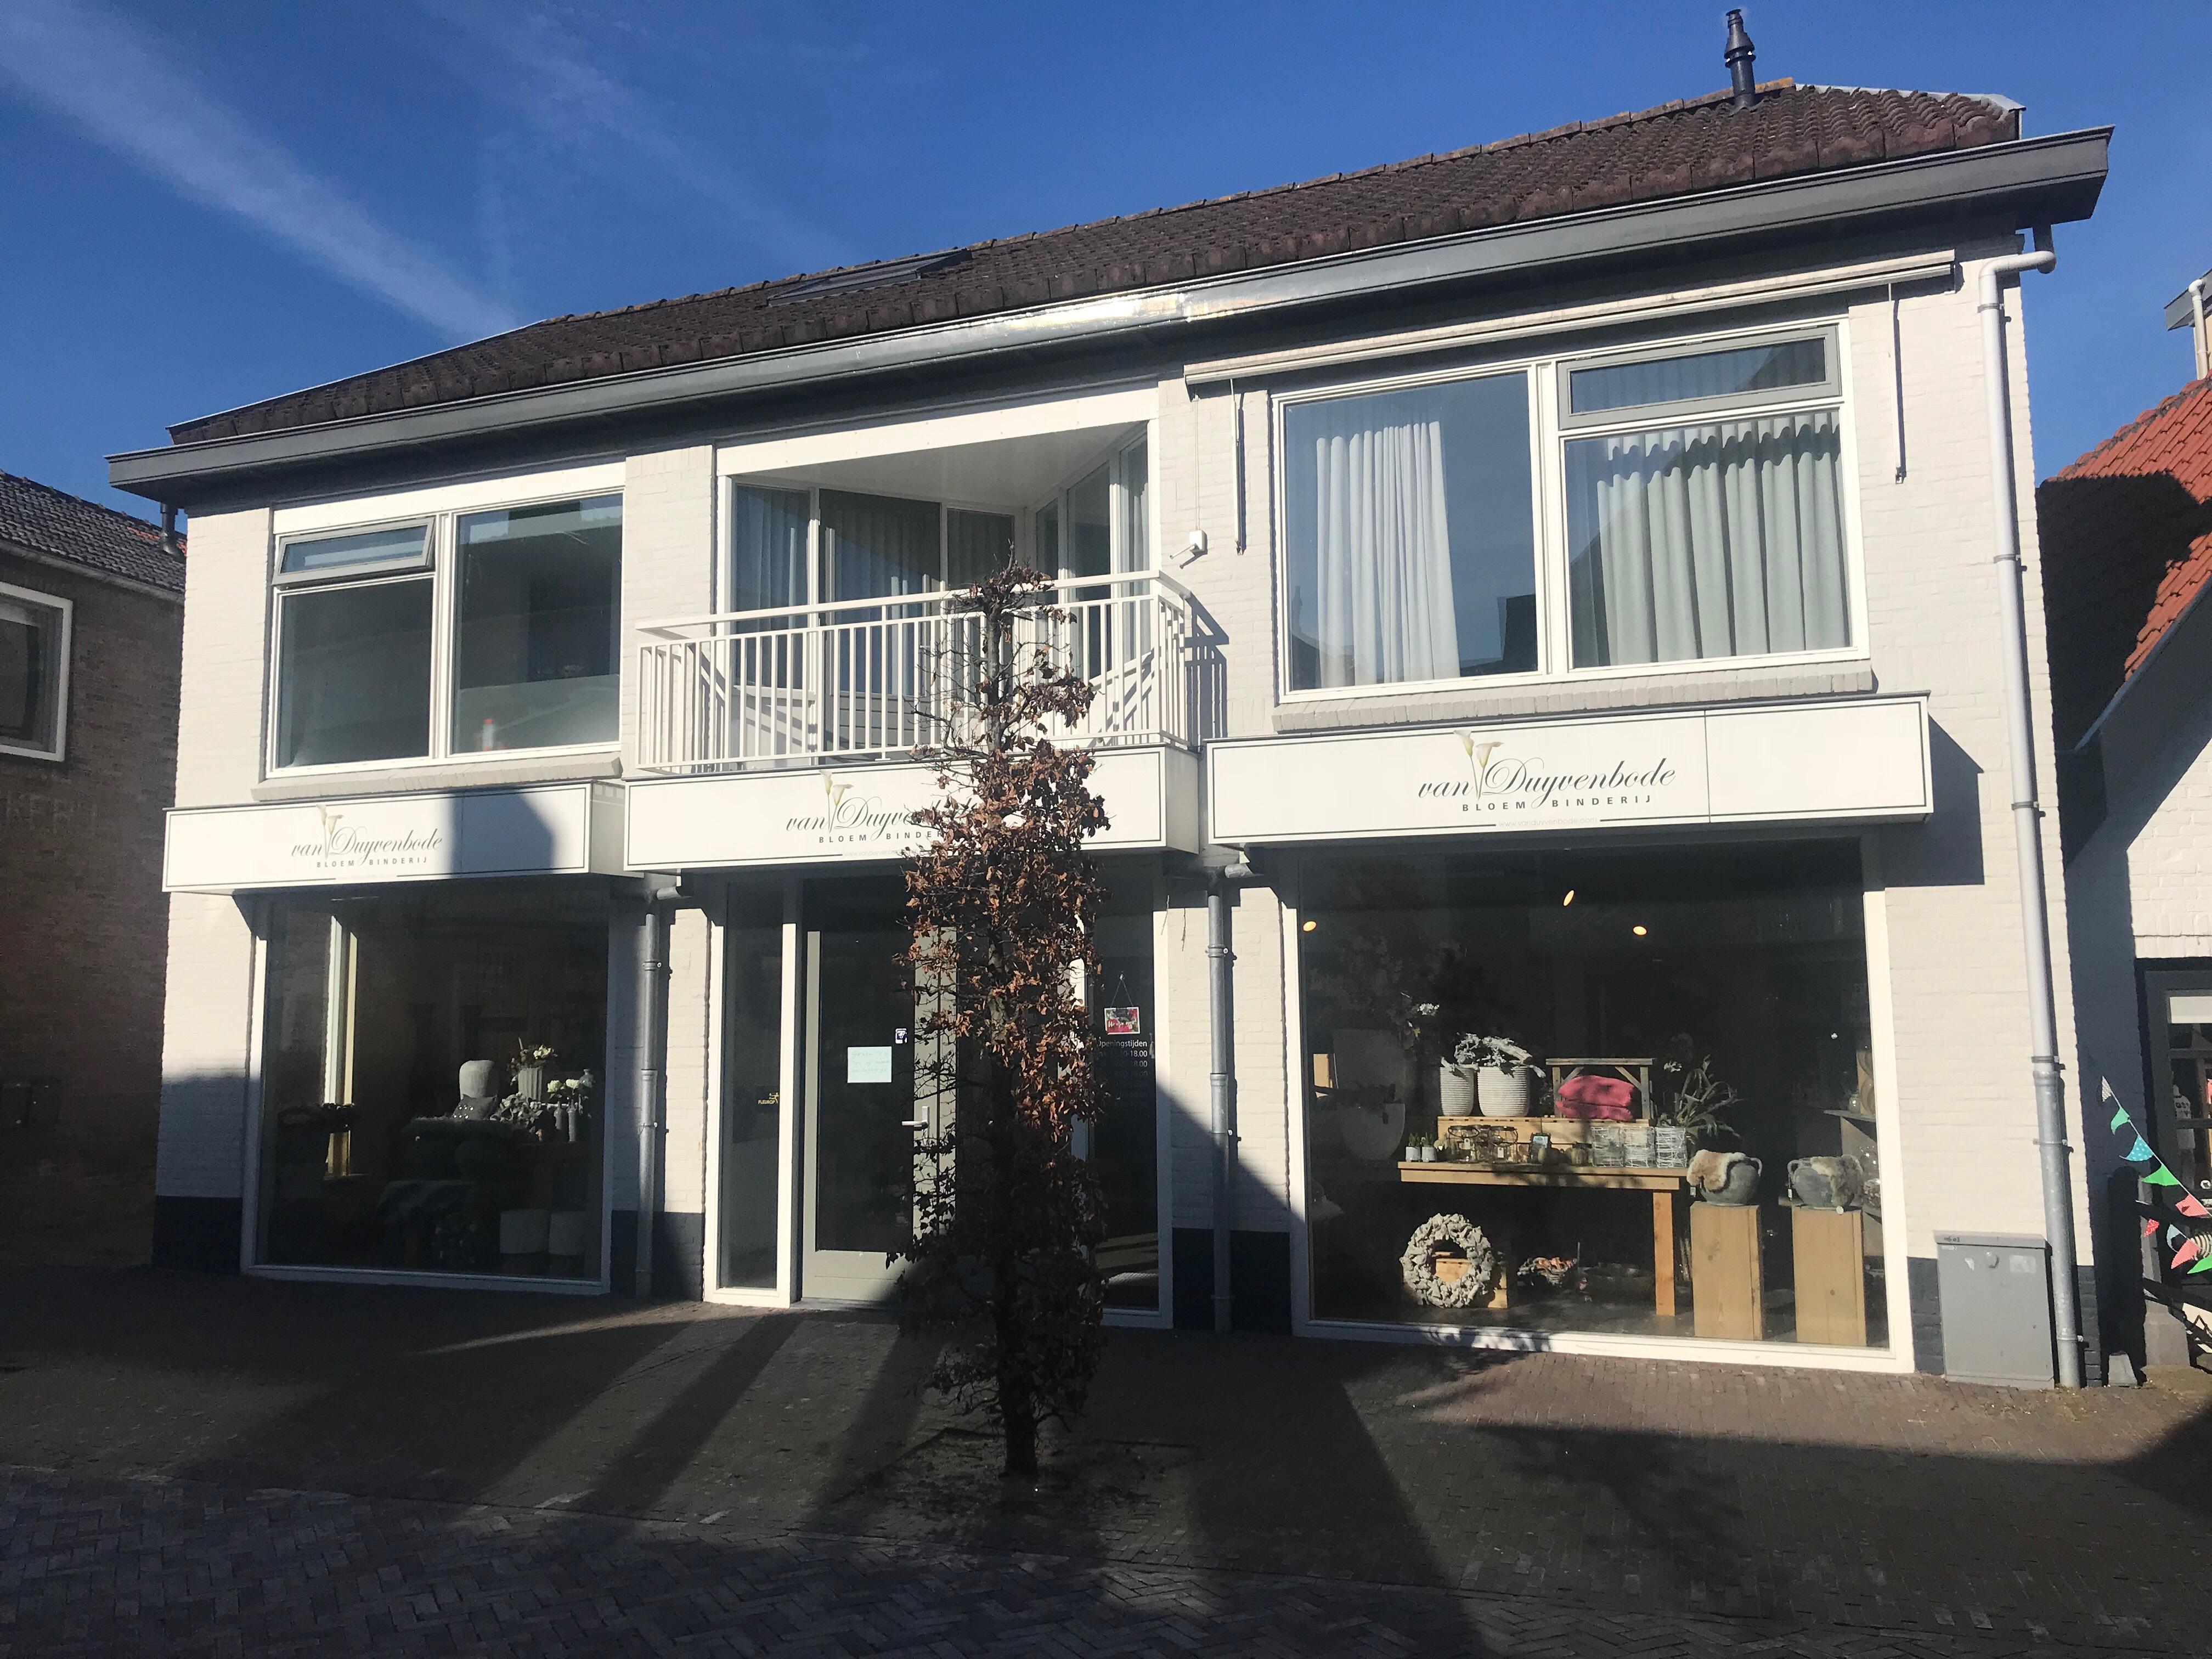 Dorpsstraat 42 a&b Noordwijkerhout